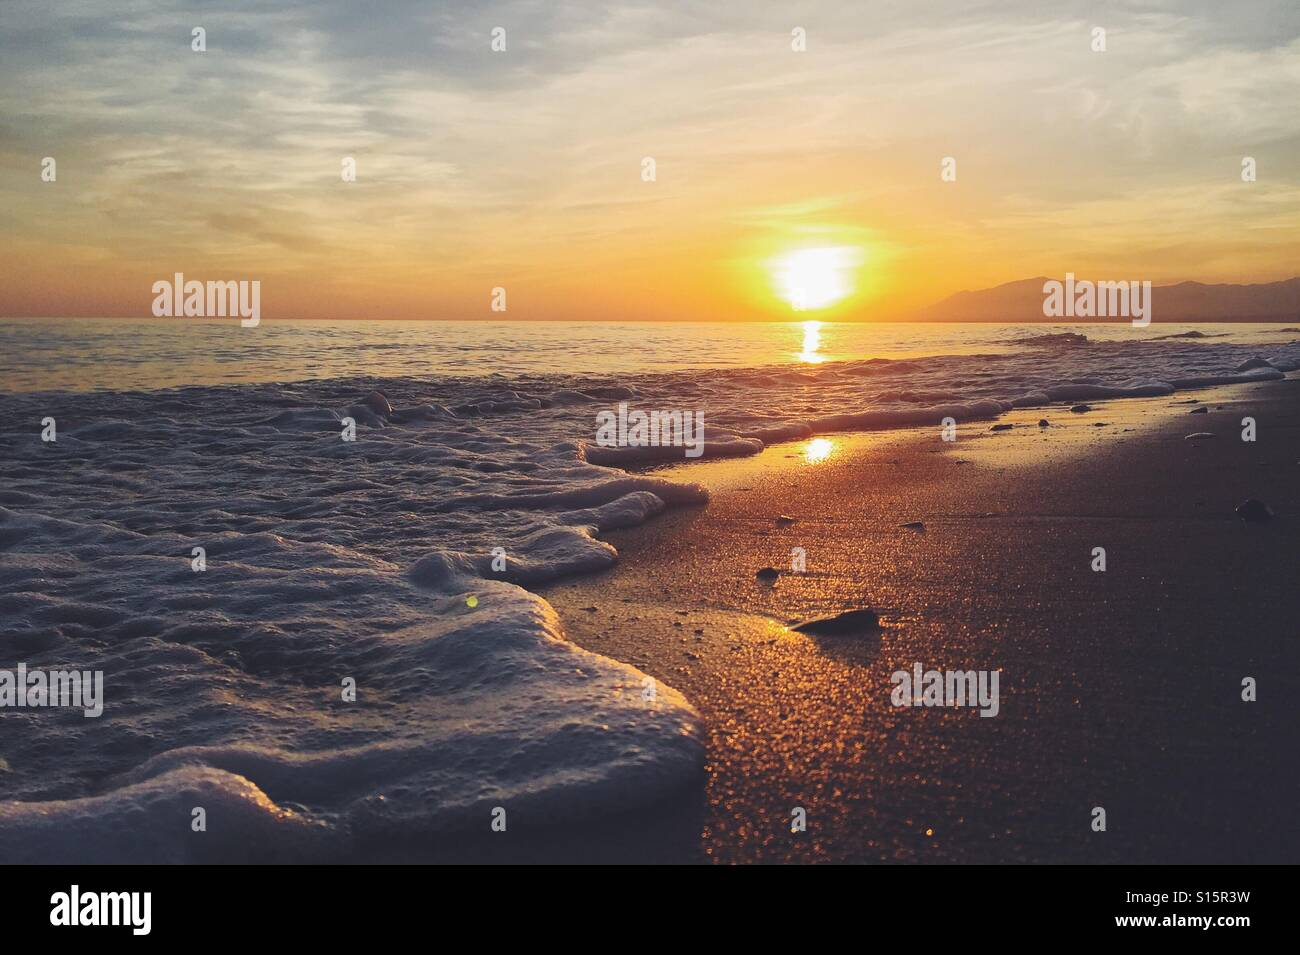 Puesta de sol en una playa de arena con olas Imagen De Stock